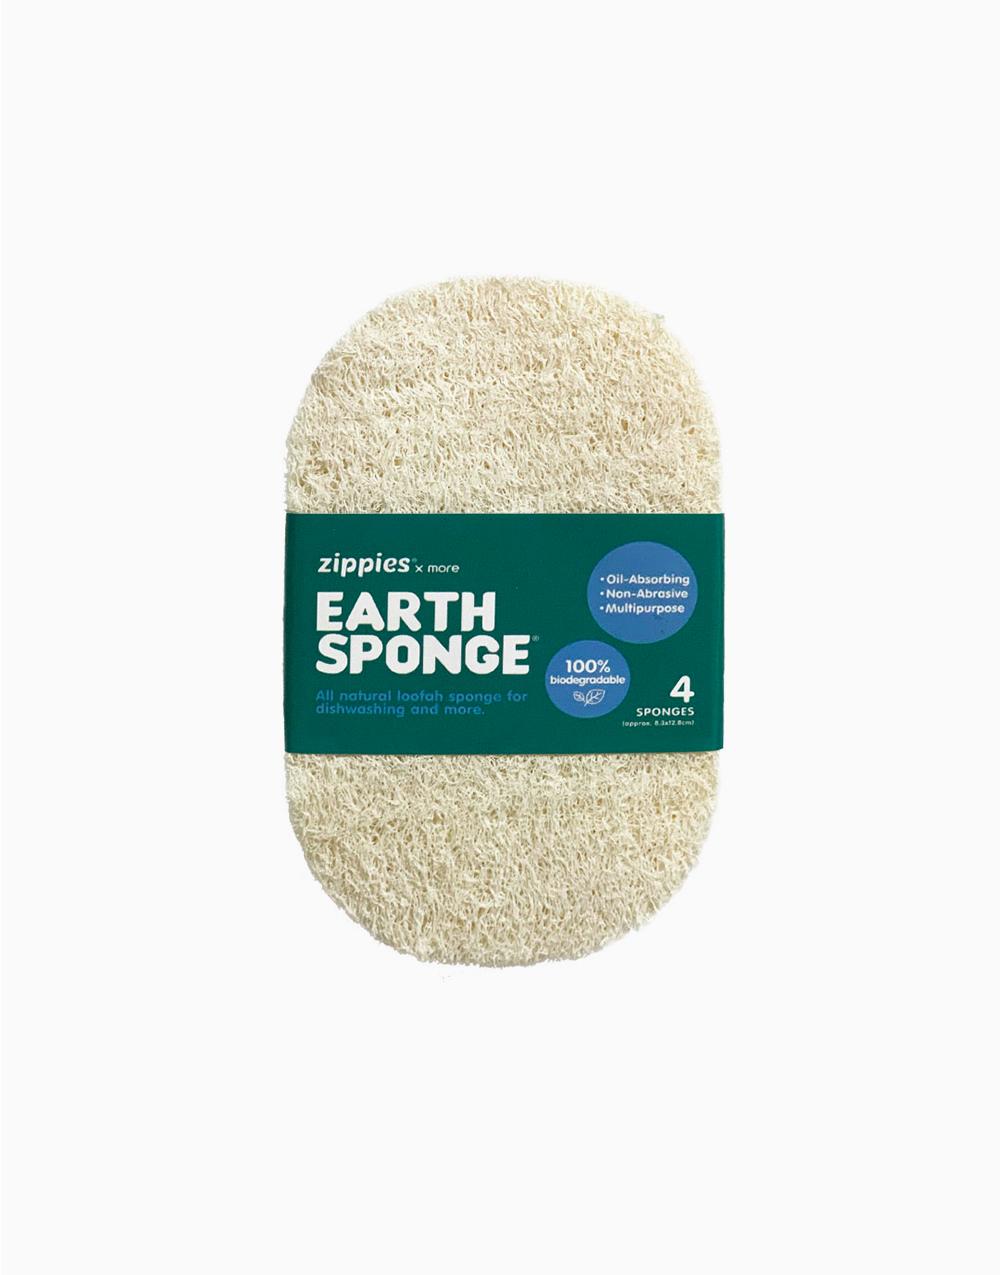 Earth Sponge by Zippies